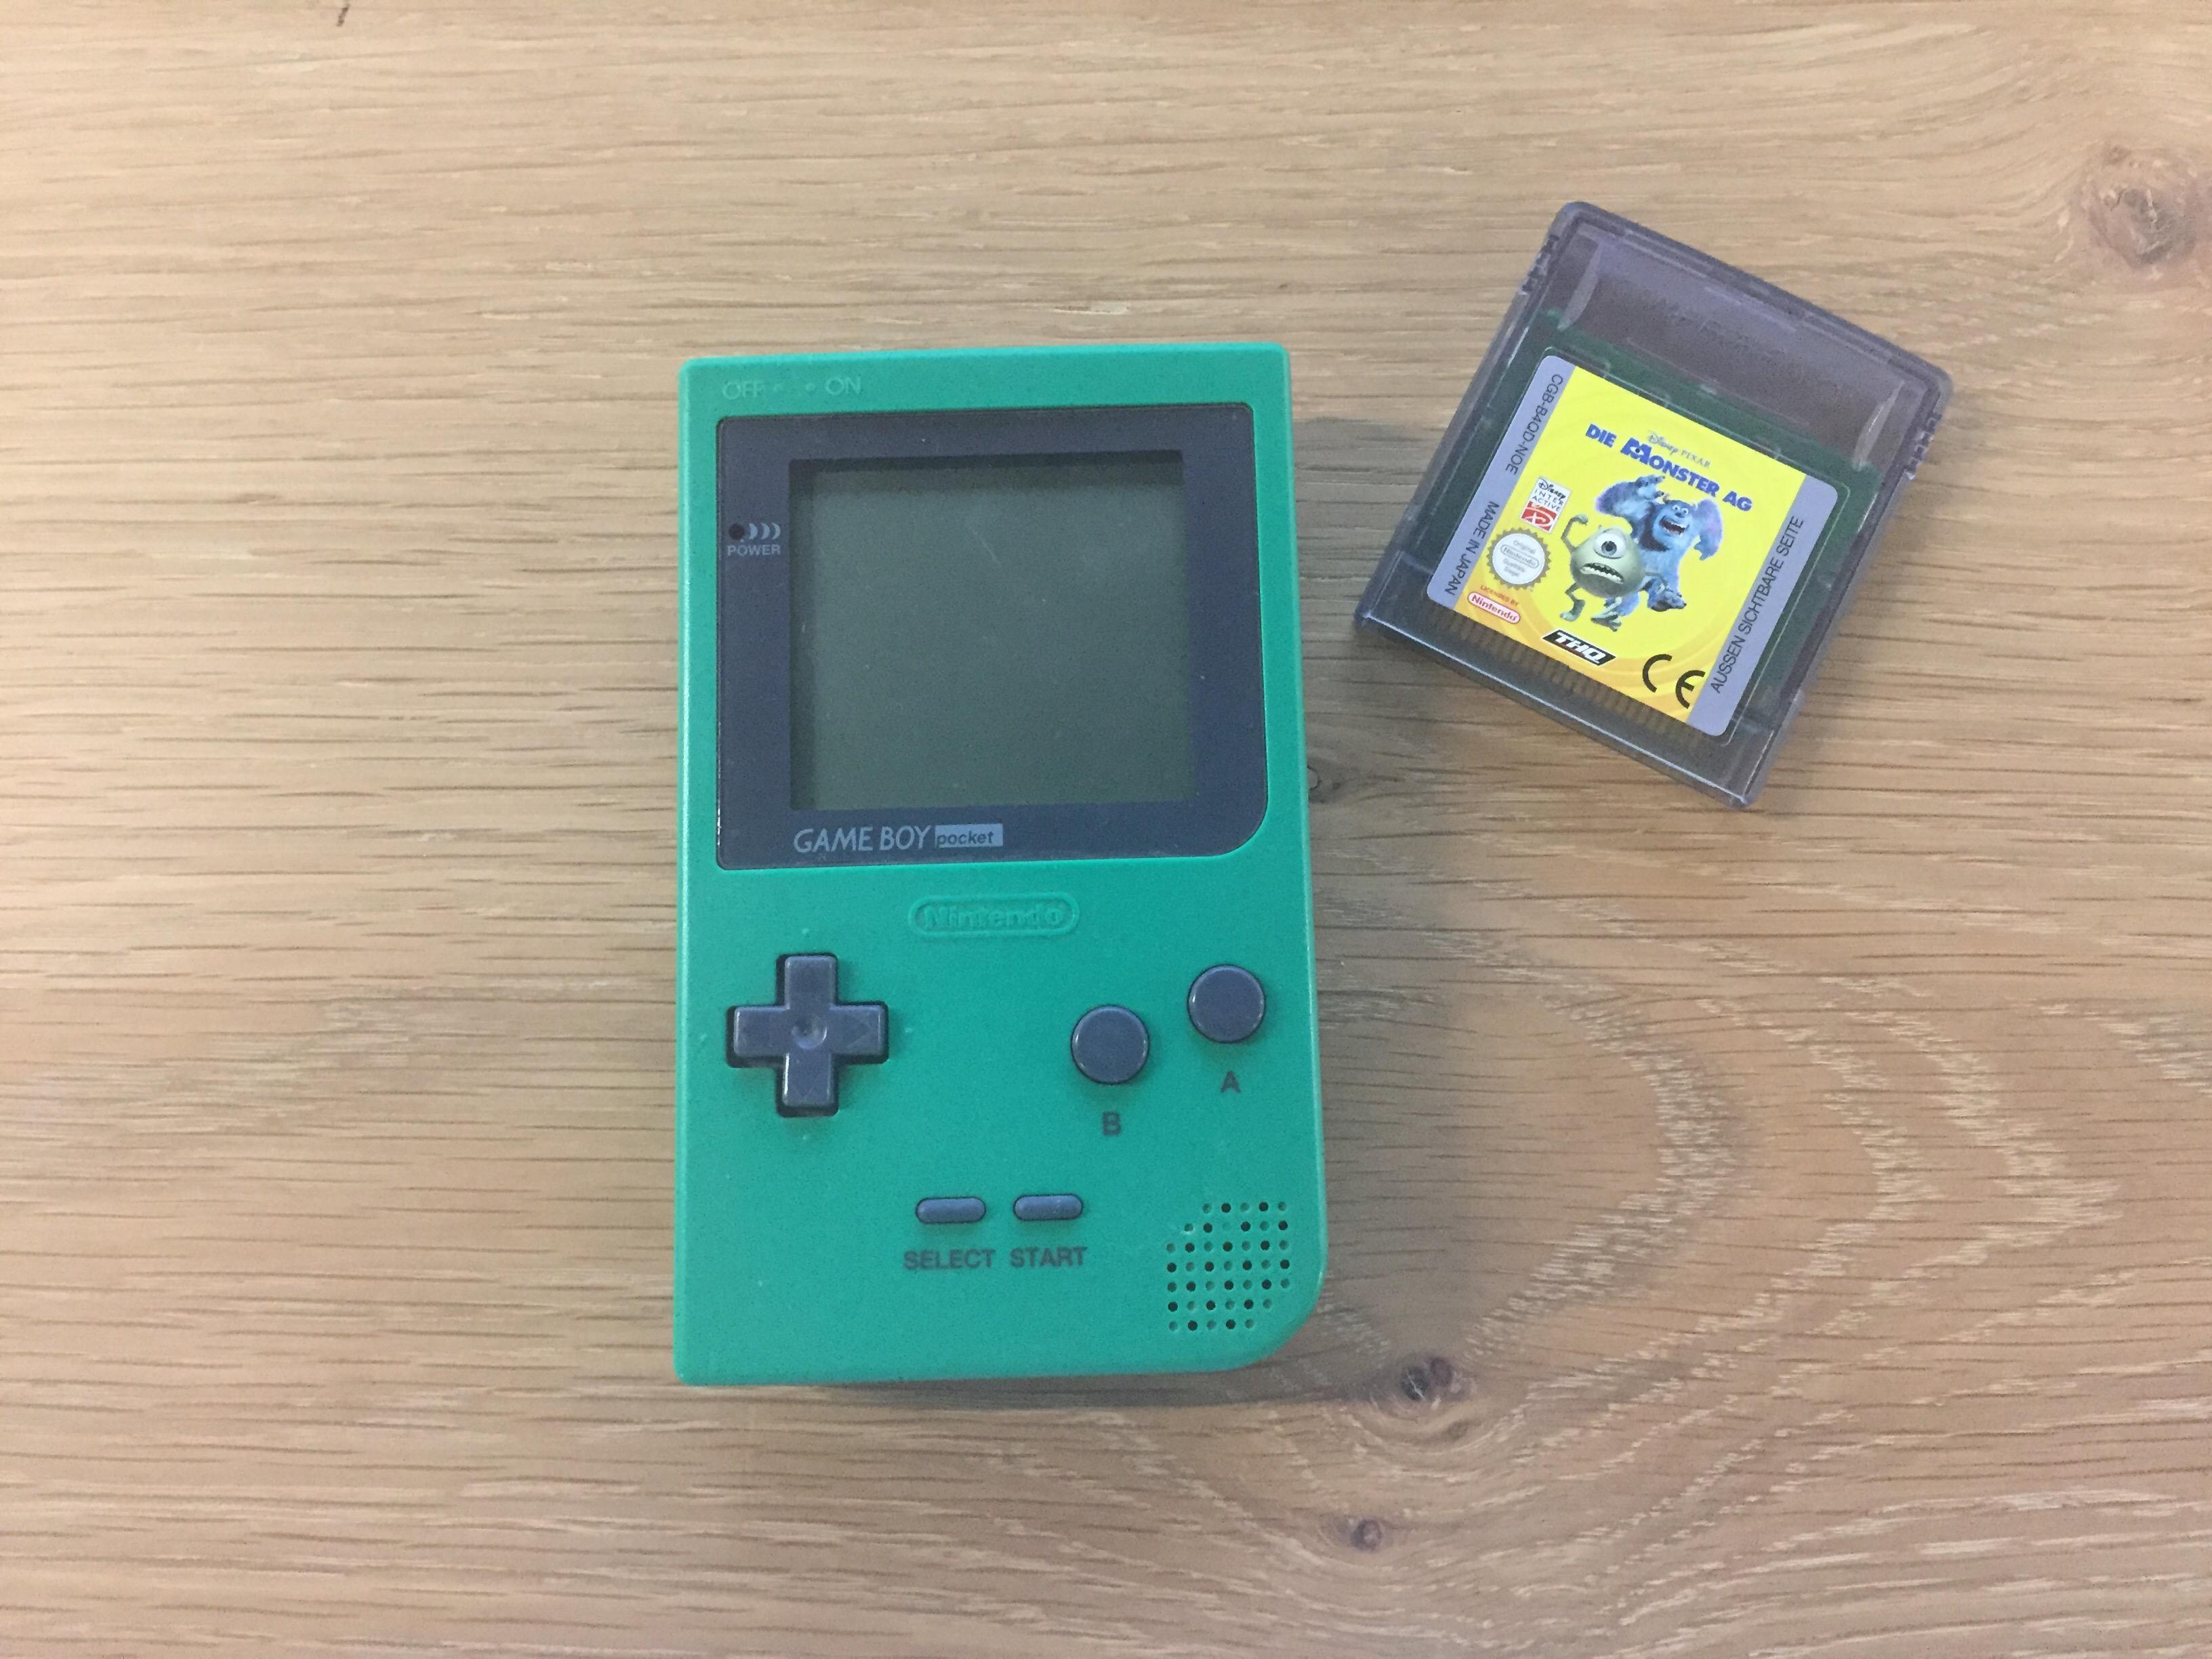 Zum Schluss gabs dann doch auch für mich einen Gewinn – zwar mit einem Spiel, das nur auf einem anderen Game Boy funktioniert, aber man kann nicht alles haben.